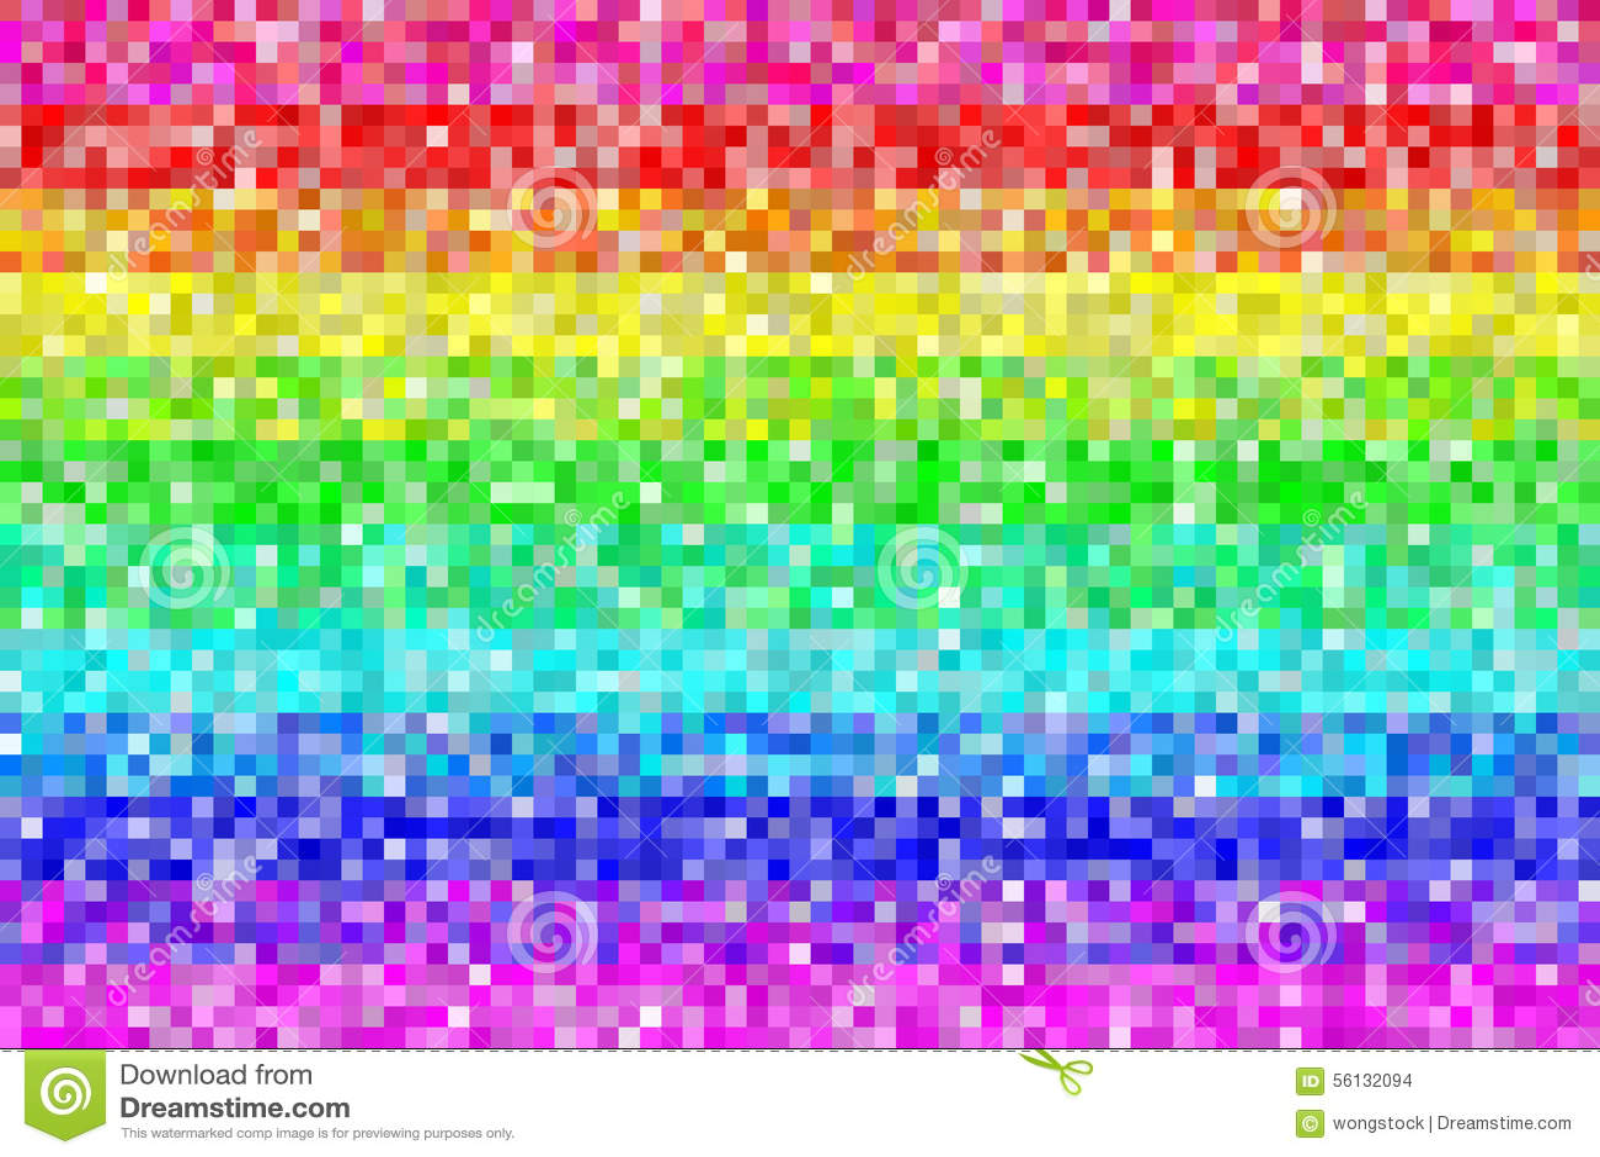 Fondo del modelo del arco iris del pixel Vector EPS8